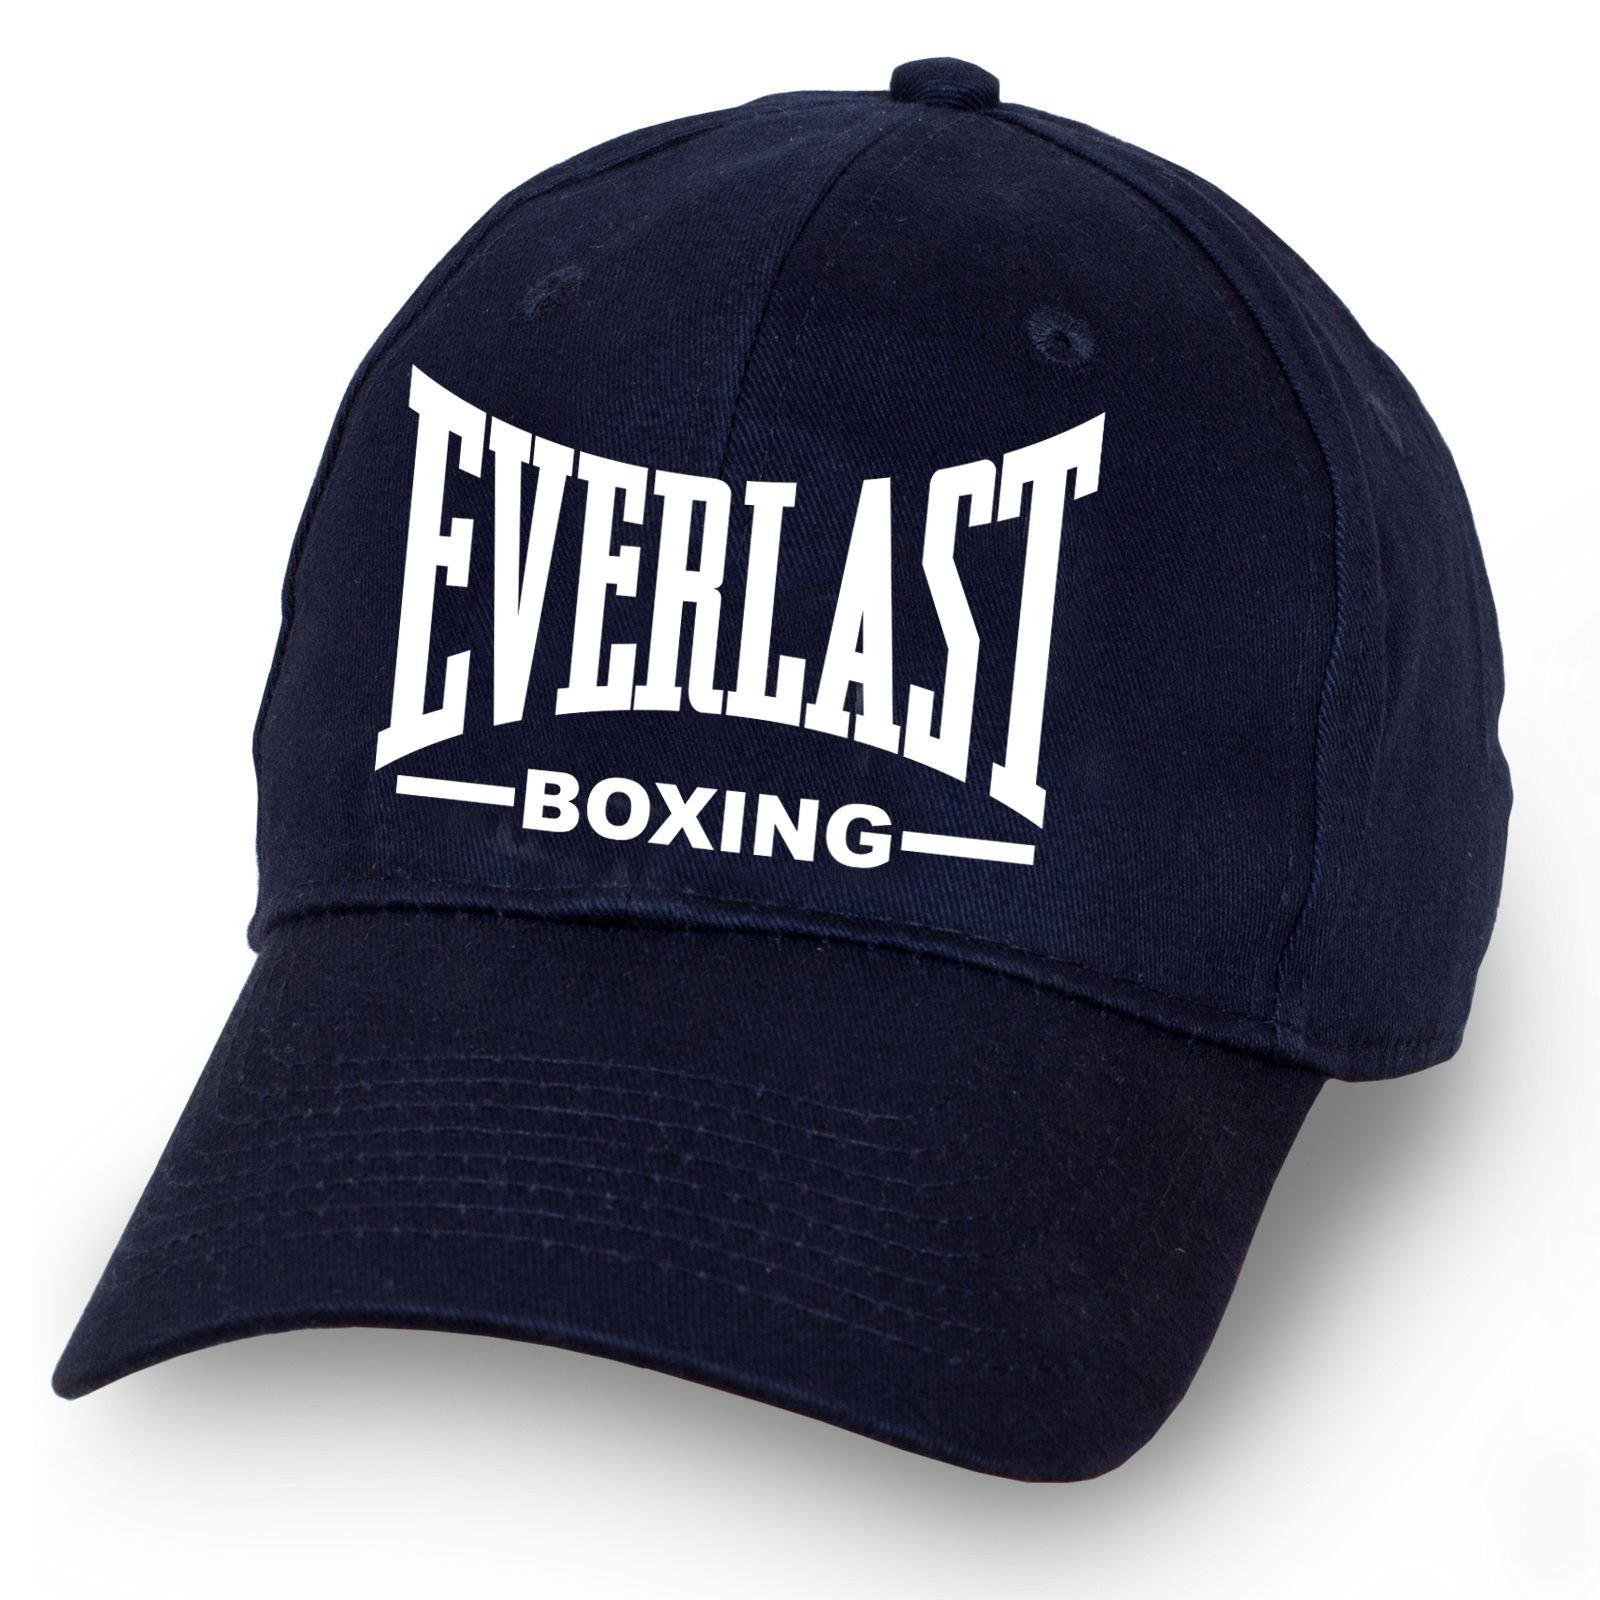 Мужская бейсболка Everlast - купить с доставкой